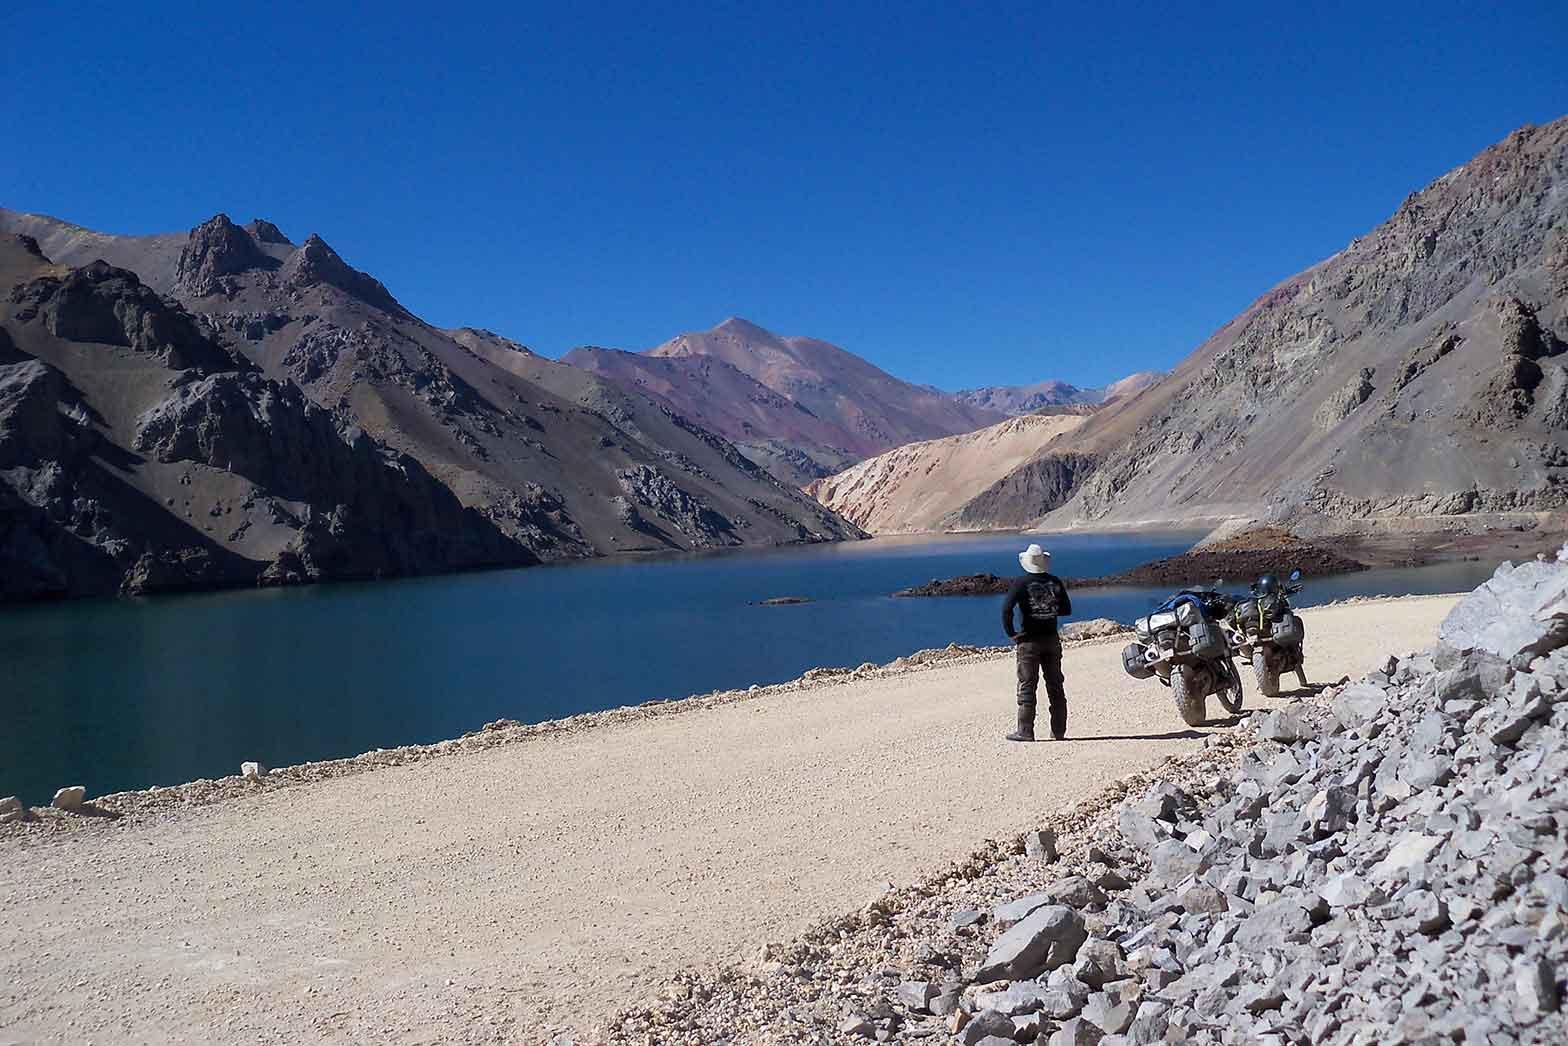 The Agua Negra Pass